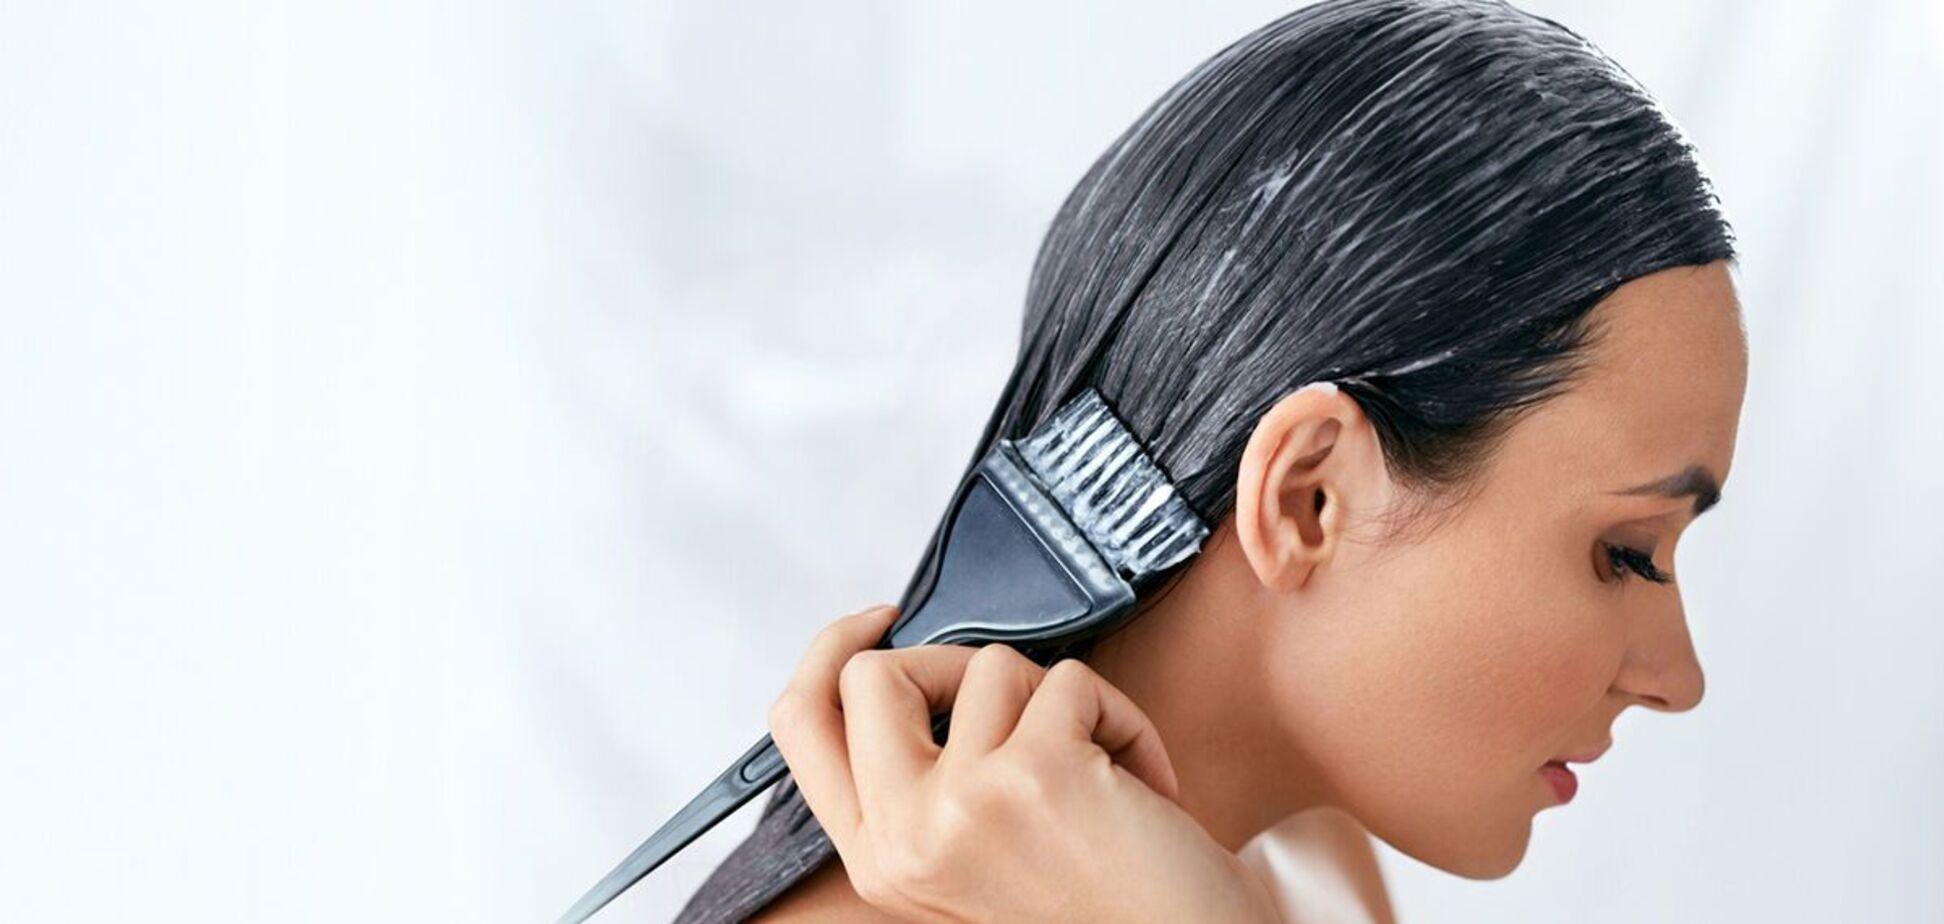 Девушка показала фото 'сожженной' кожи головы после окрашивания волос дома